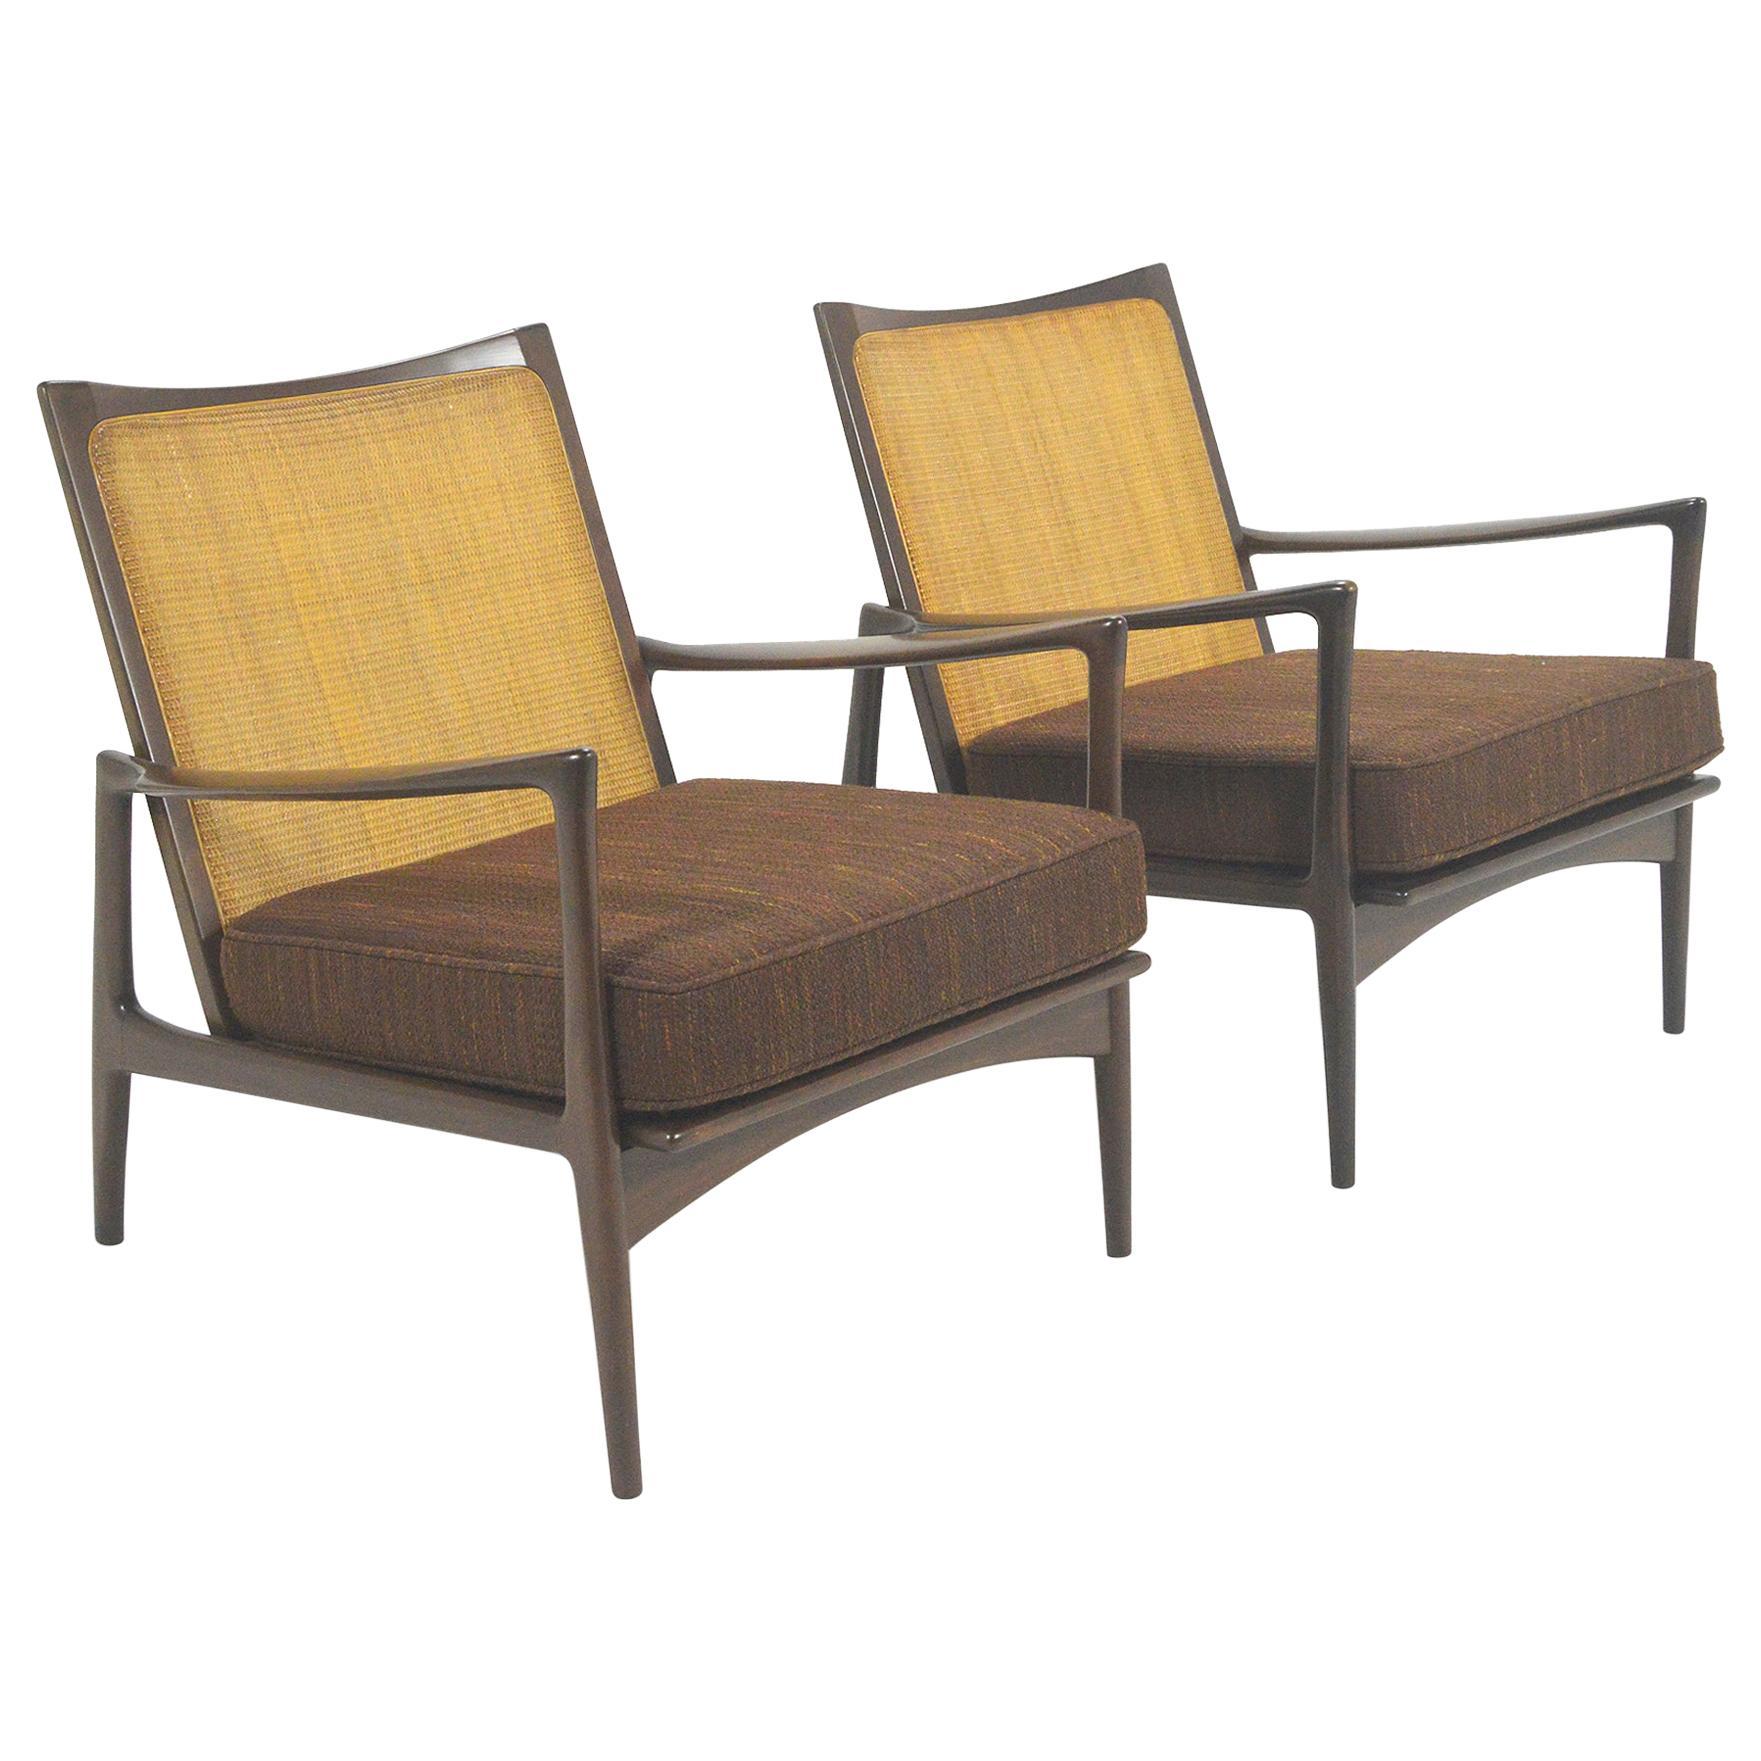 Ib Kofod-Larsen Cane-Back Lounge Chair Pair